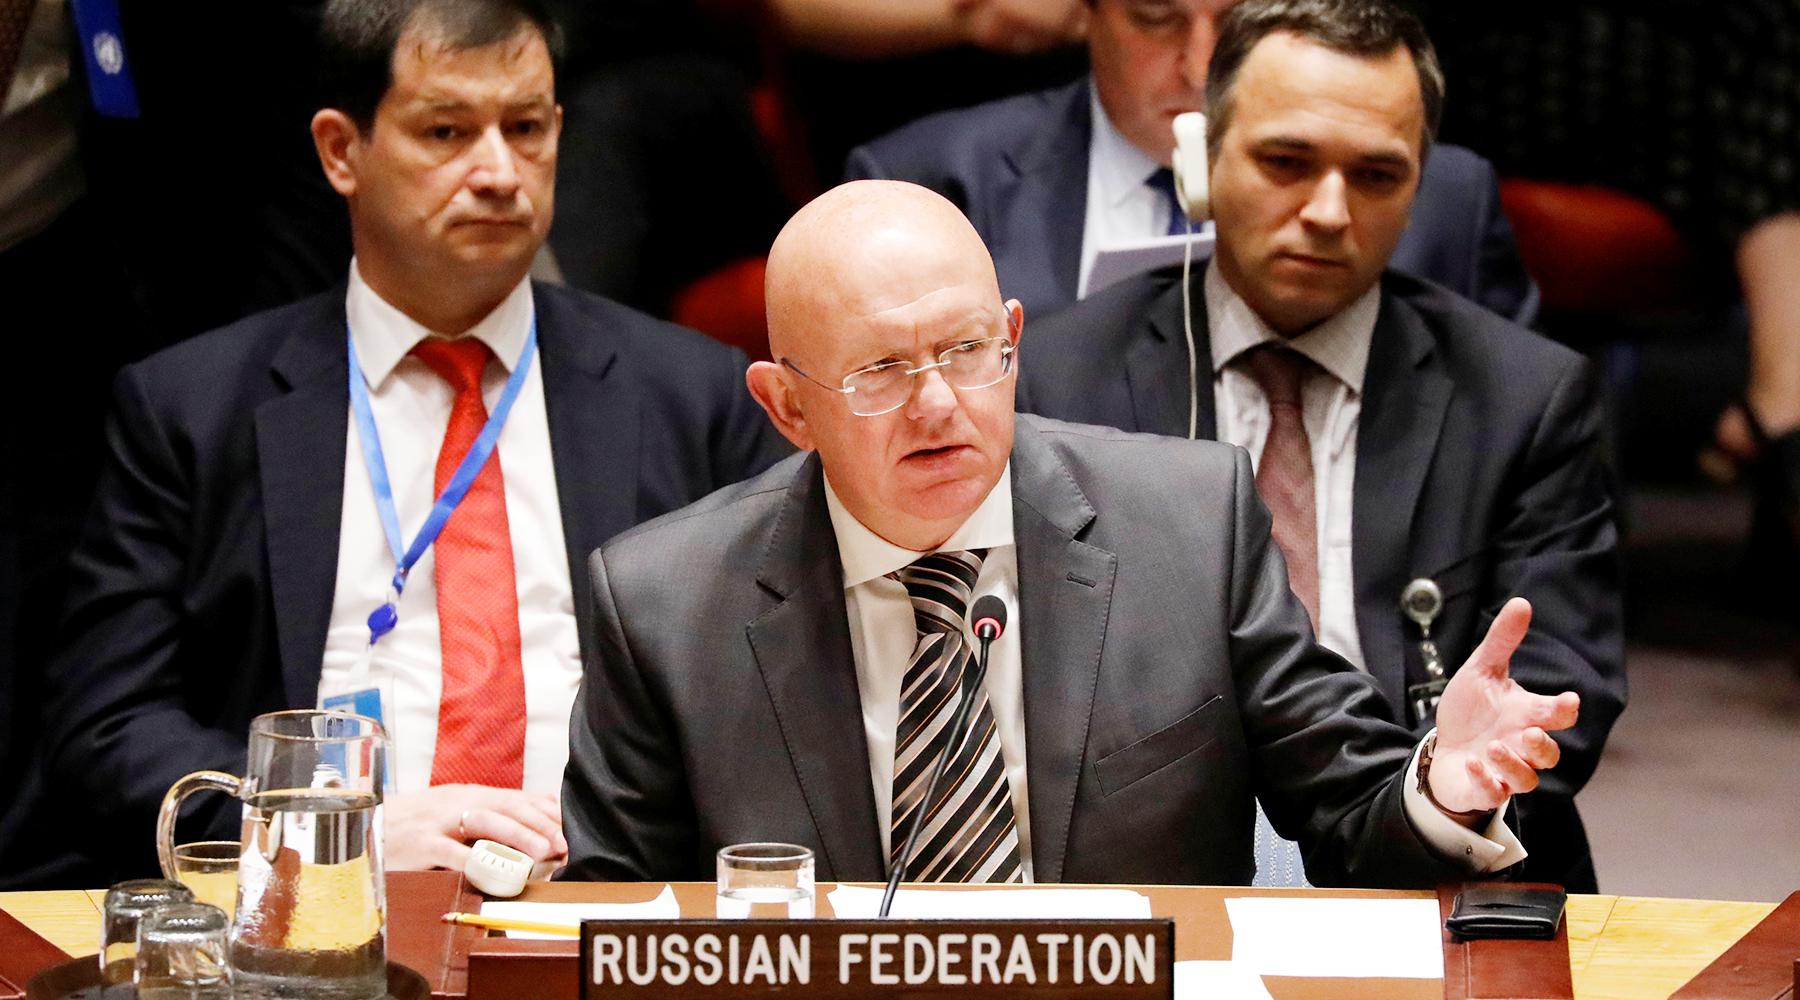 Борьба резолюций: почему США обвинили Россию и Китай в срыве гуманитарного снабжения Сирии